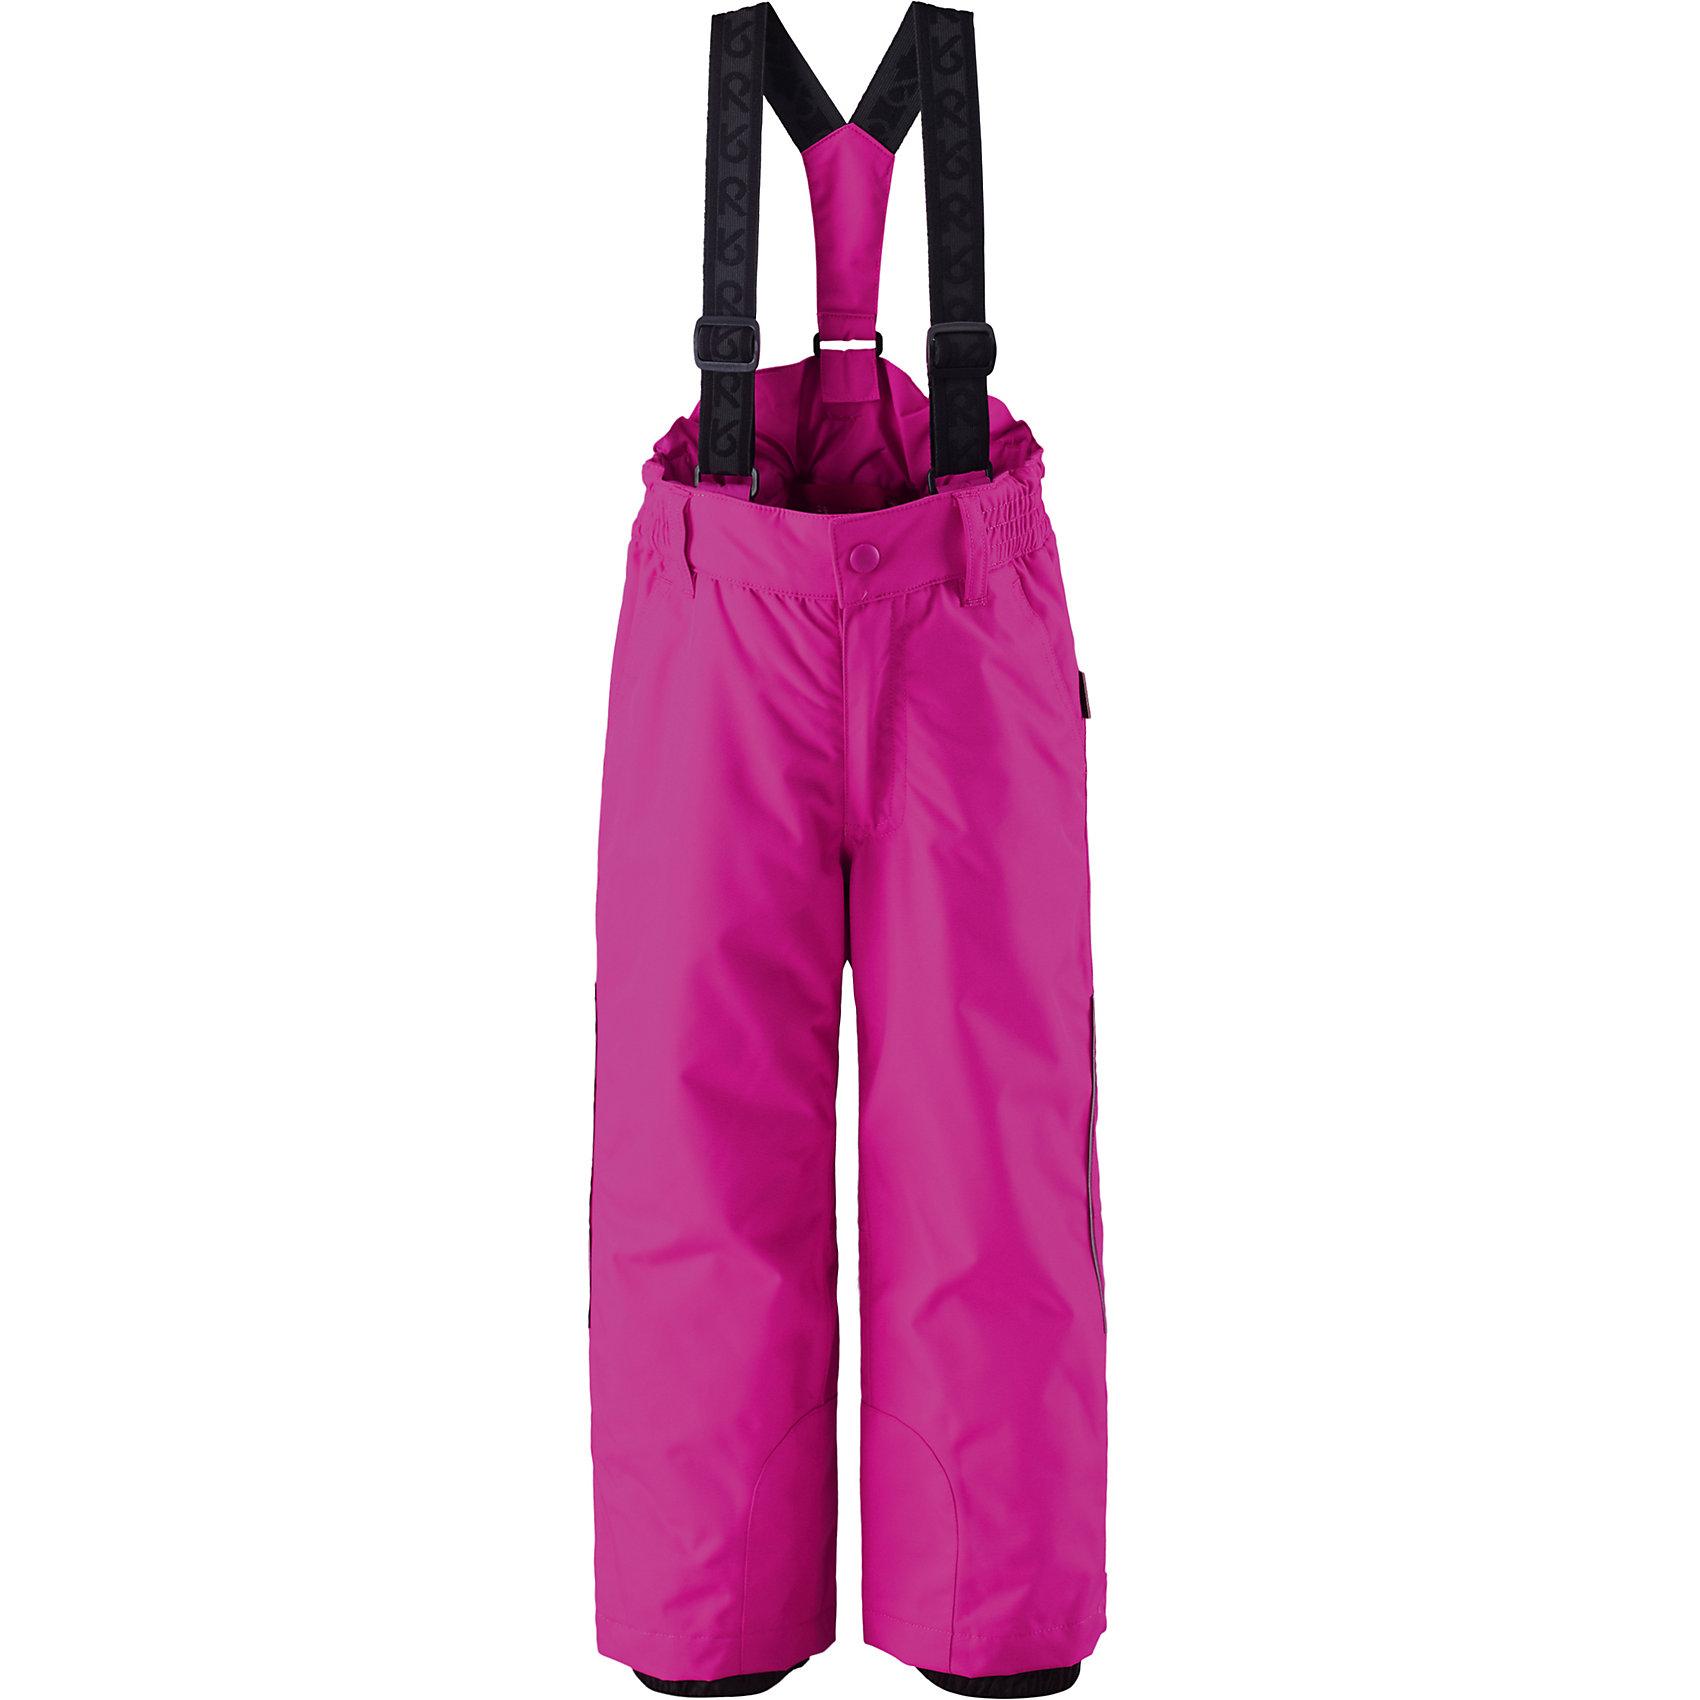 Брюки Procyon для девочки ReimaОдежда<br>Брюки  Reima<br>Зимние брюки для детей. Основные швы проклеены и не пропускают влагу. Водо- и ветронепроницаемый, «дышащий» и грязеотталкивающий материал. Прямой крой. Гладкая подкладка из полиэстра. Эластичная талия. Регулируемые штанины со снегозащитными манжетами. Липучки на штанинах. Ширинка на молнии. Боковые карманы. Регулируемые и отстегивающиеся эластичные подтяжки. Безопасные светоотражающие детали.<br>Утеплитель: Reima® Comfortinsulation,120 g<br>Уход:<br>Стирать по отдельности, вывернув наизнанку. Застегнуть молнии и липучки. Стирать моющим средством, не содержащим отбеливающие вещества. Полоскать без специального средства. Во избежание изменения цвета изделие необходимо вынуть из стиральной машинки незамедлительно после окончания программы стирки. Сушить при низкой температуре.<br>Состав:<br>100% Полиамид, полиуретановое покрытие<br><br>Ширина мм: 215<br>Глубина мм: 88<br>Высота мм: 191<br>Вес г: 336<br>Цвет: розовый<br>Возраст от месяцев: 24<br>Возраст до месяцев: 36<br>Пол: Женский<br>Возраст: Детский<br>Размер: 140,128,98,104,116,110,134,122<br>SKU: 4778014